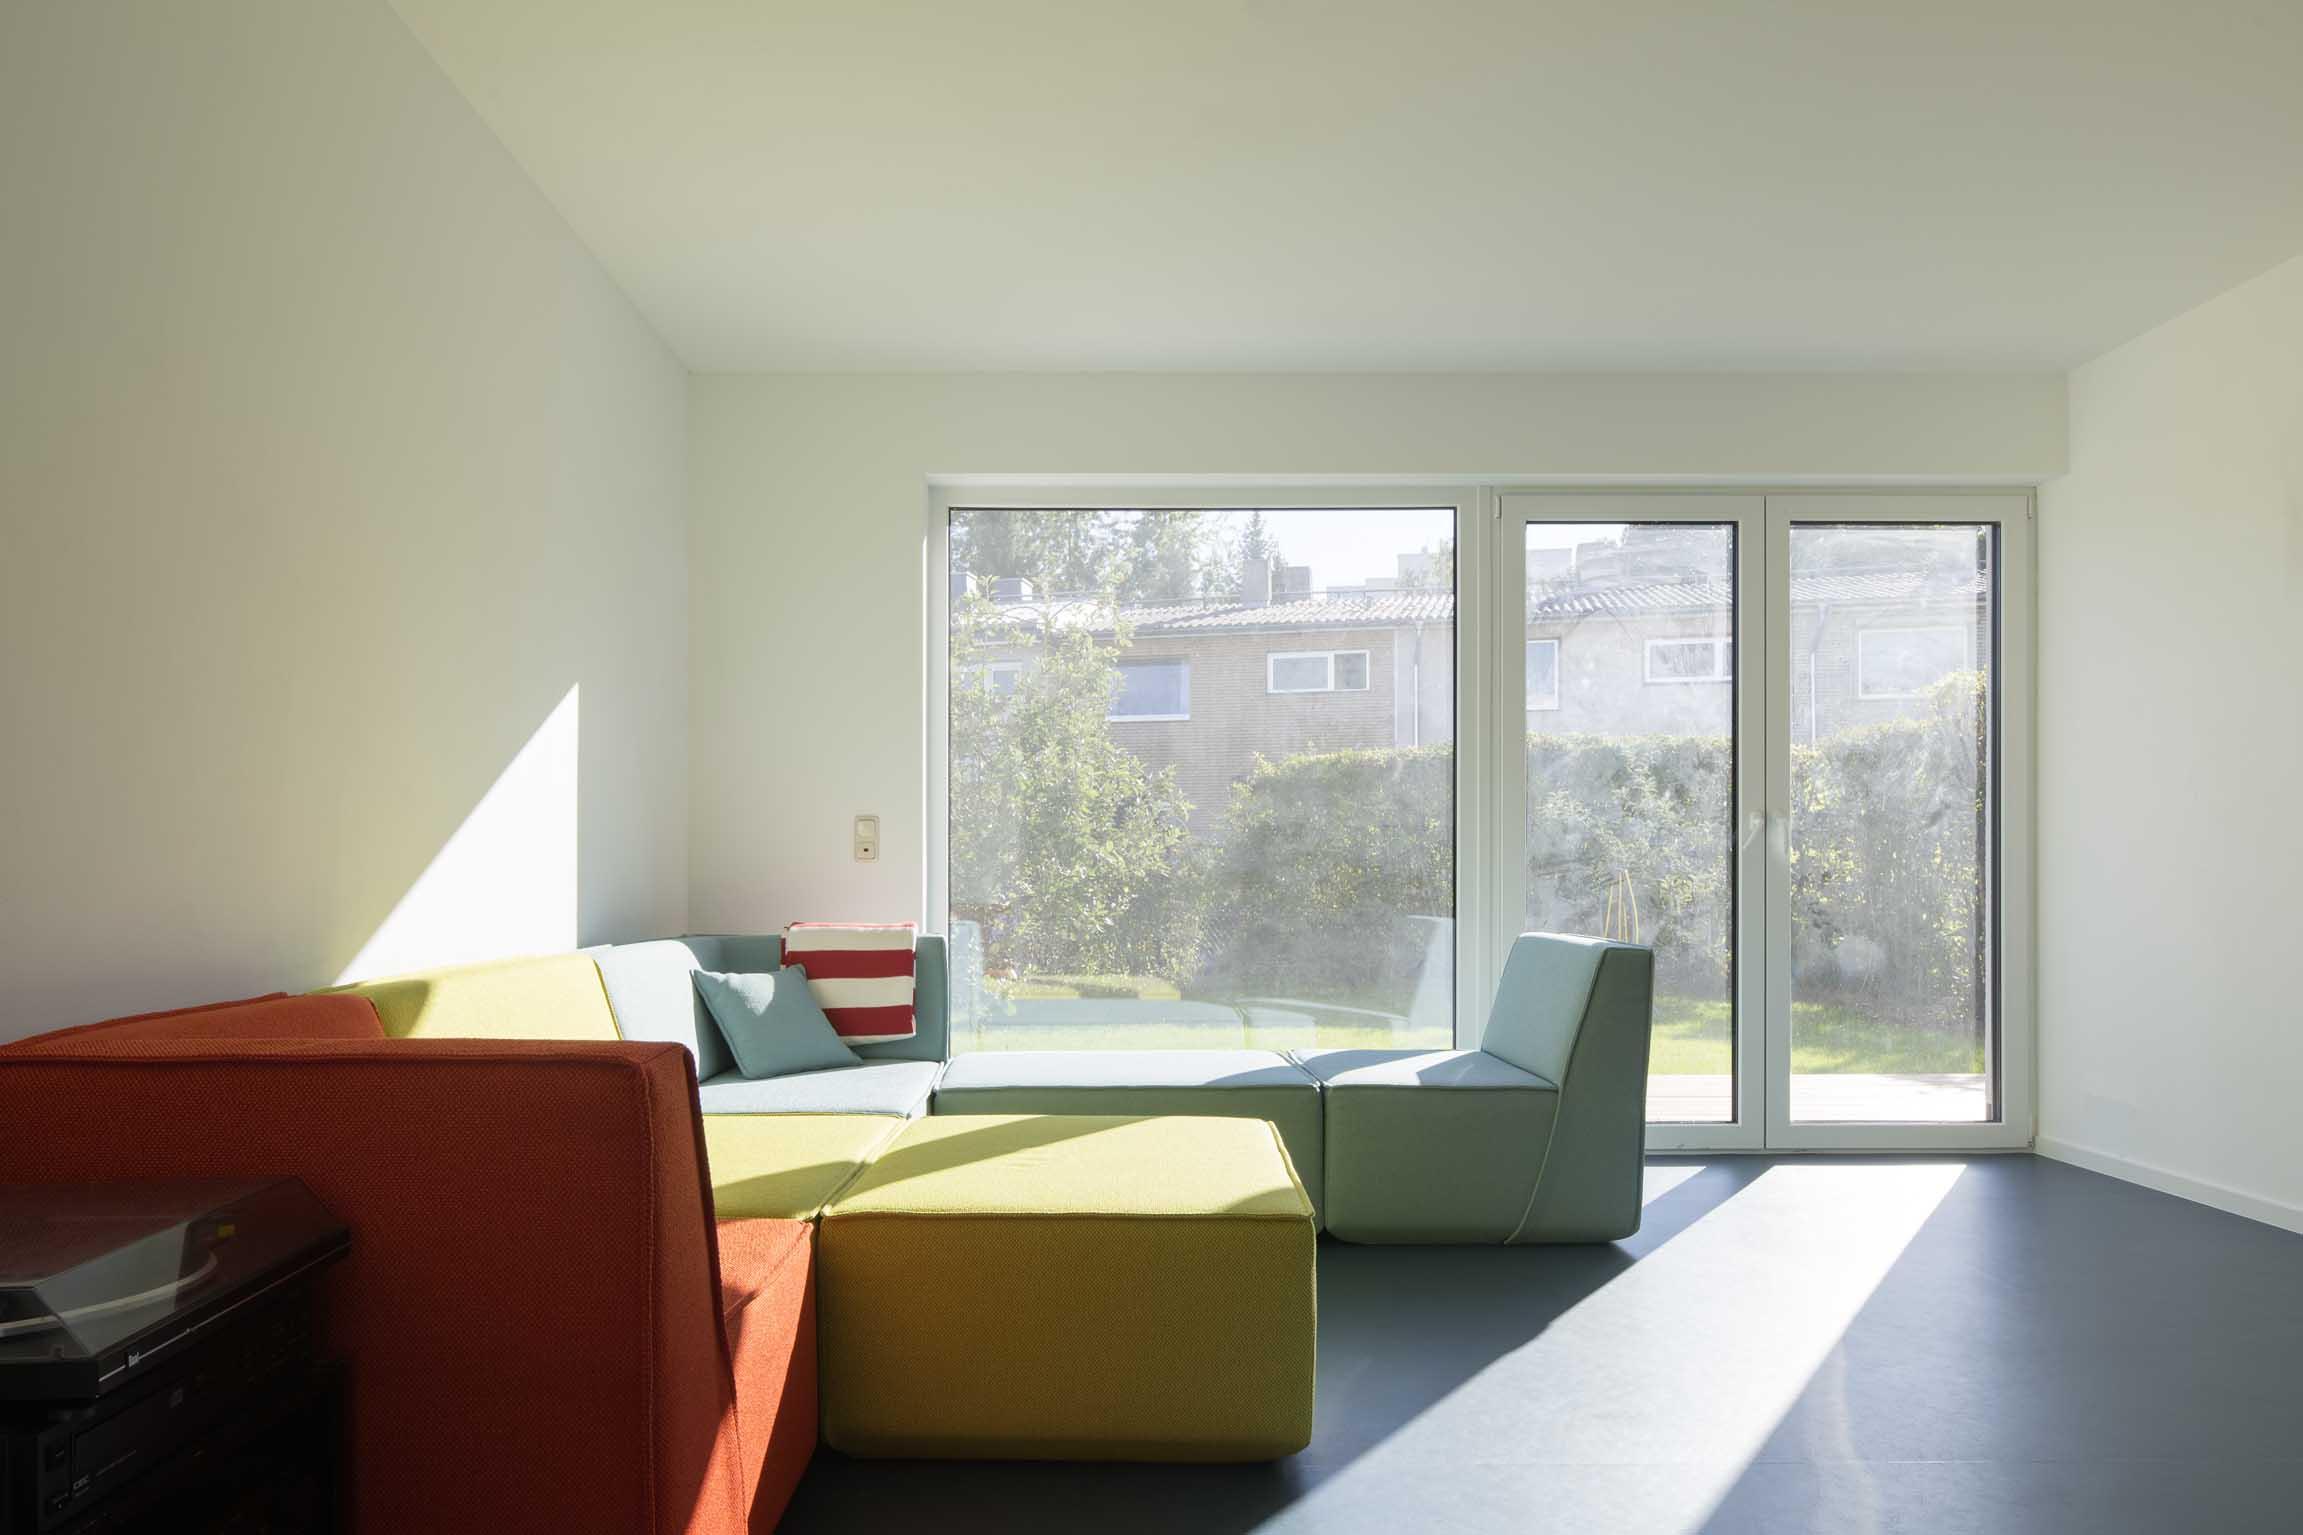 Wohnzimmer mit Blick auf den Garten